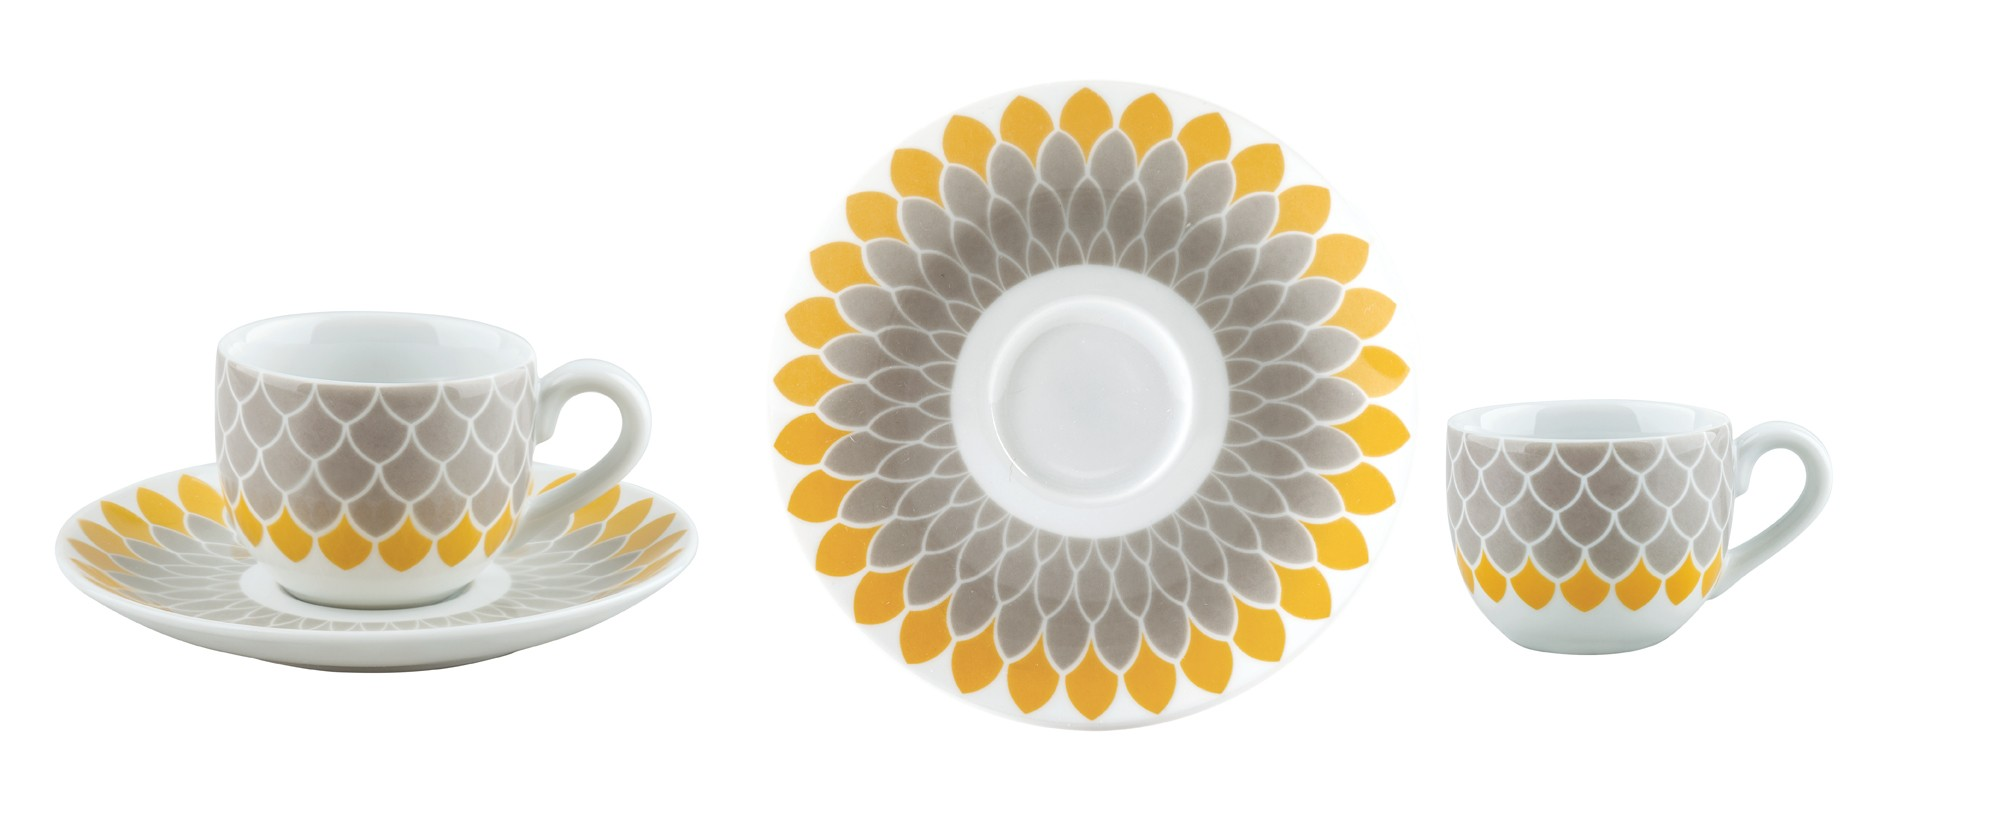 Φλυτζάνι & Πιάτο Τσαγιού Helios Σετ 6τμχ Ionia home   ειδη cafe τσαϊ   κούπες   φλυτζάνια